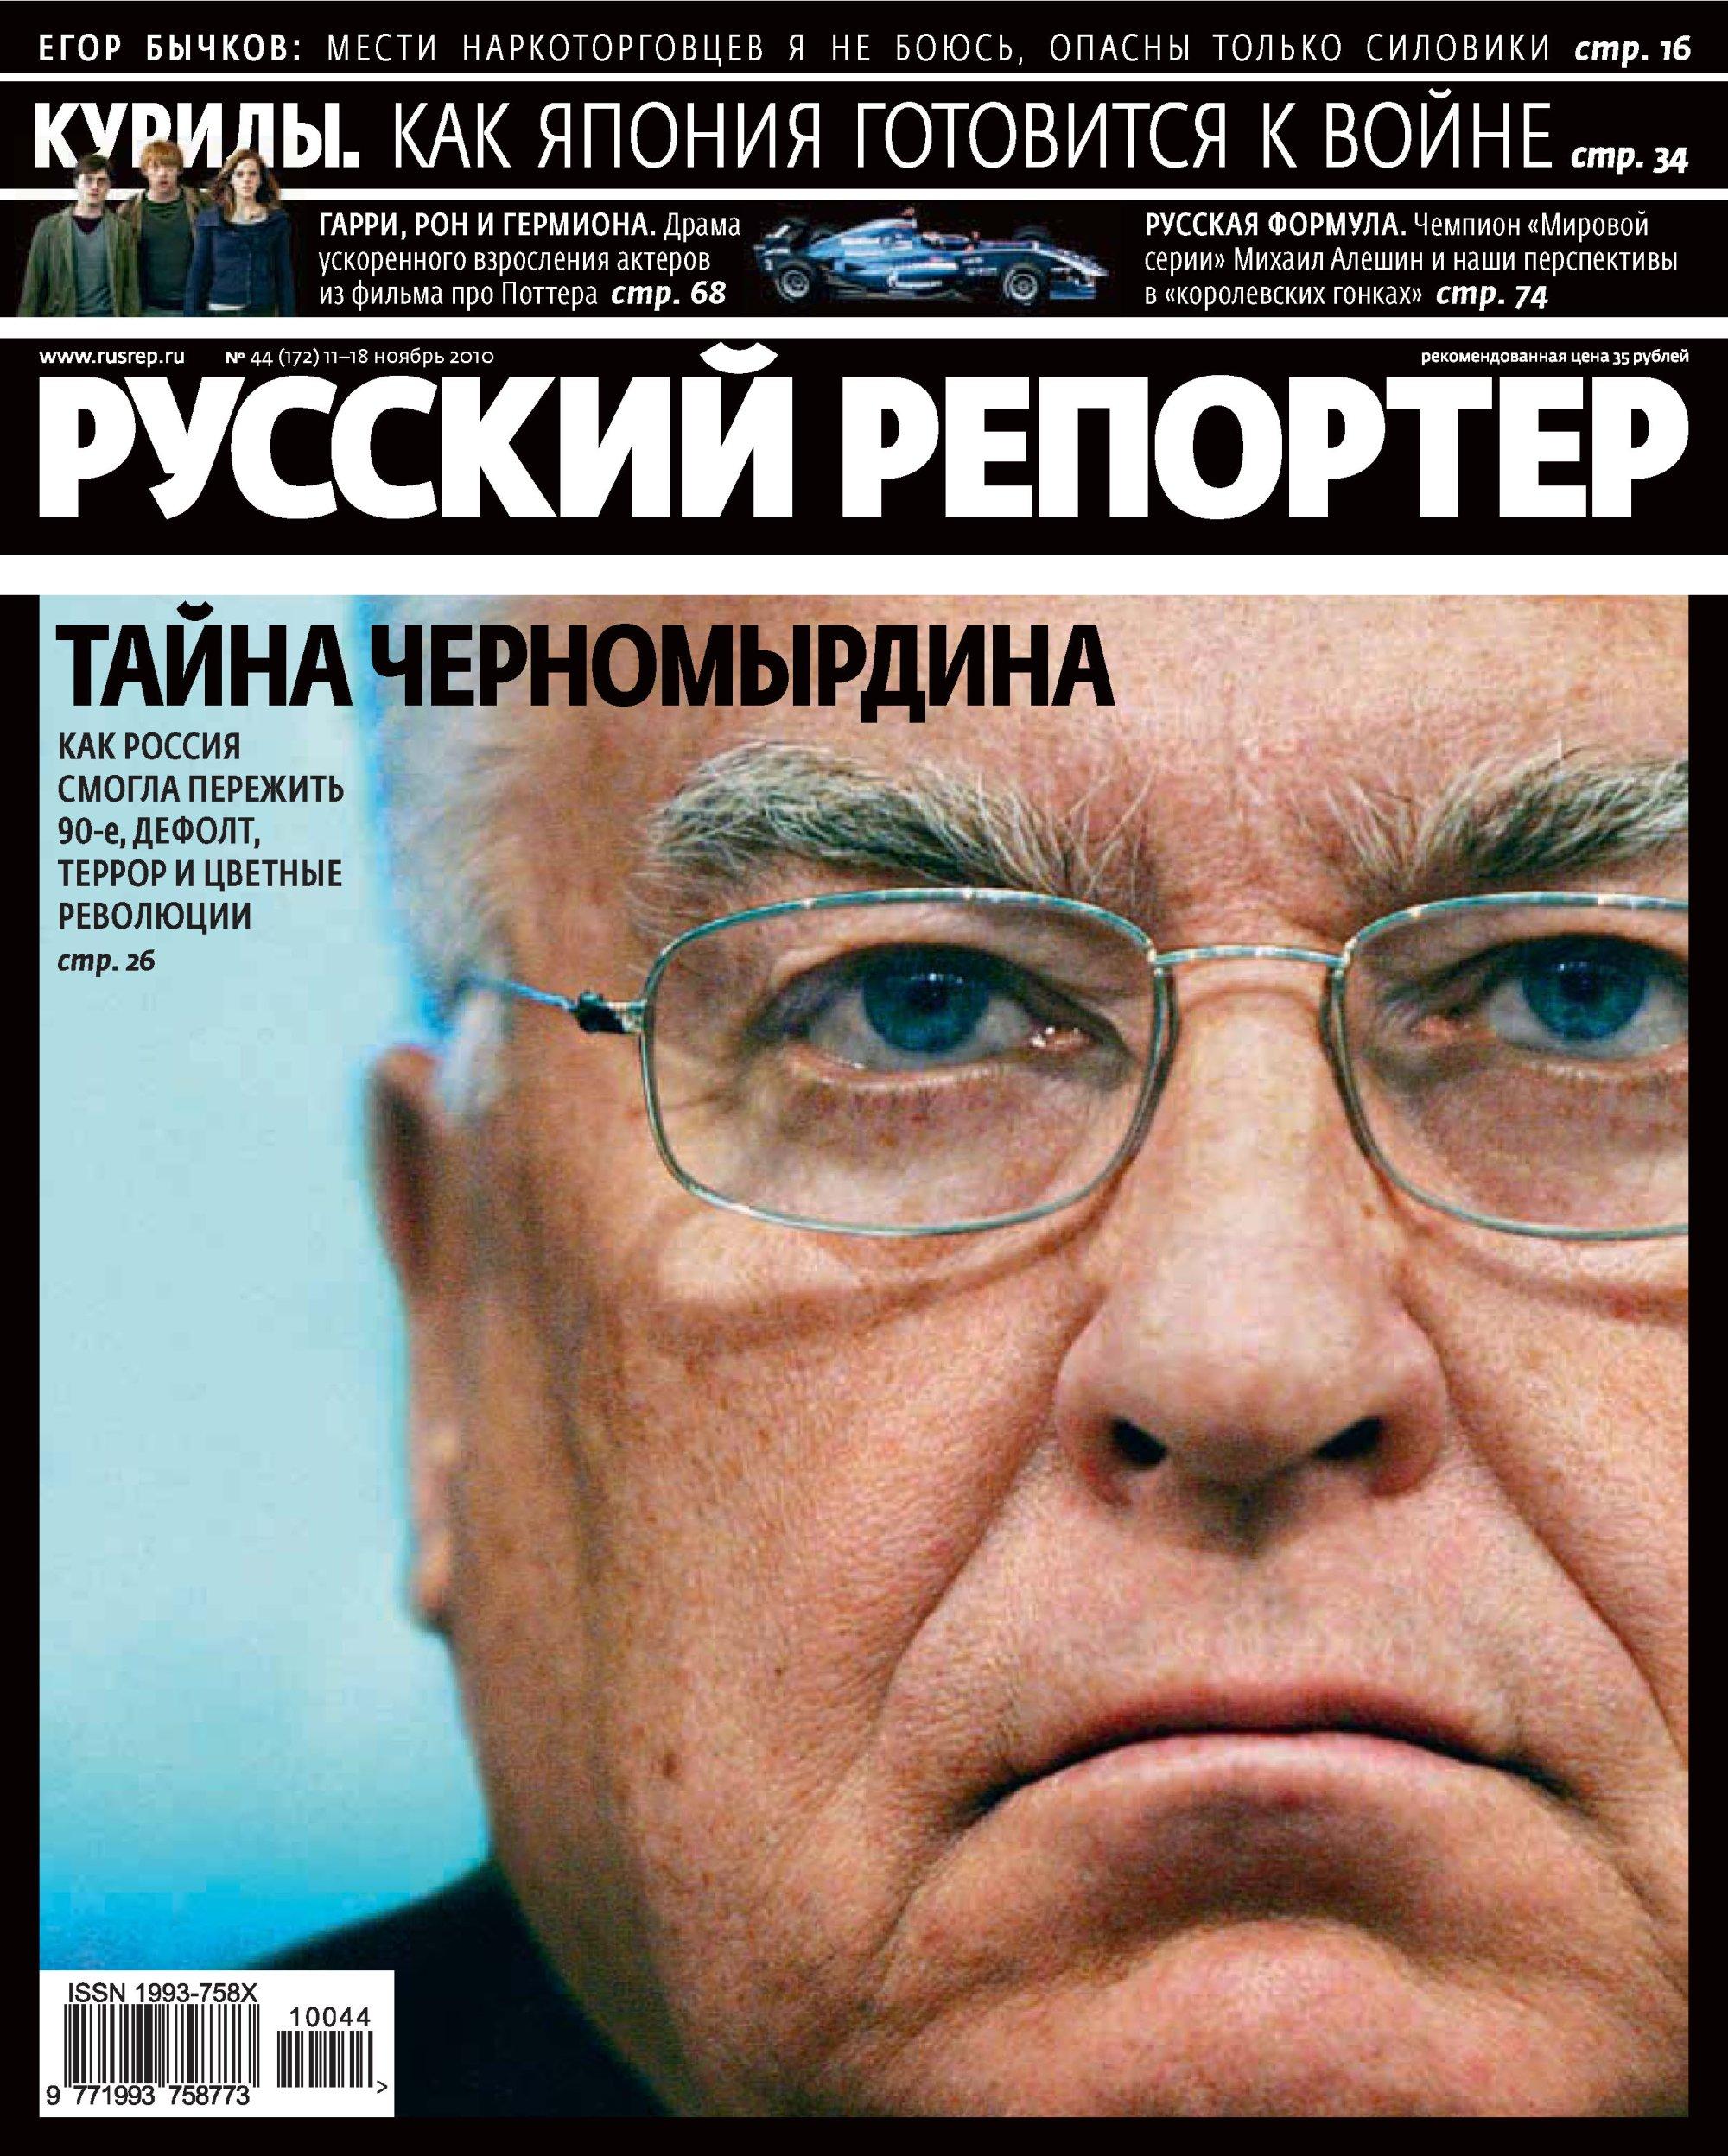 Отсутствует Русский Репортер №44/2010